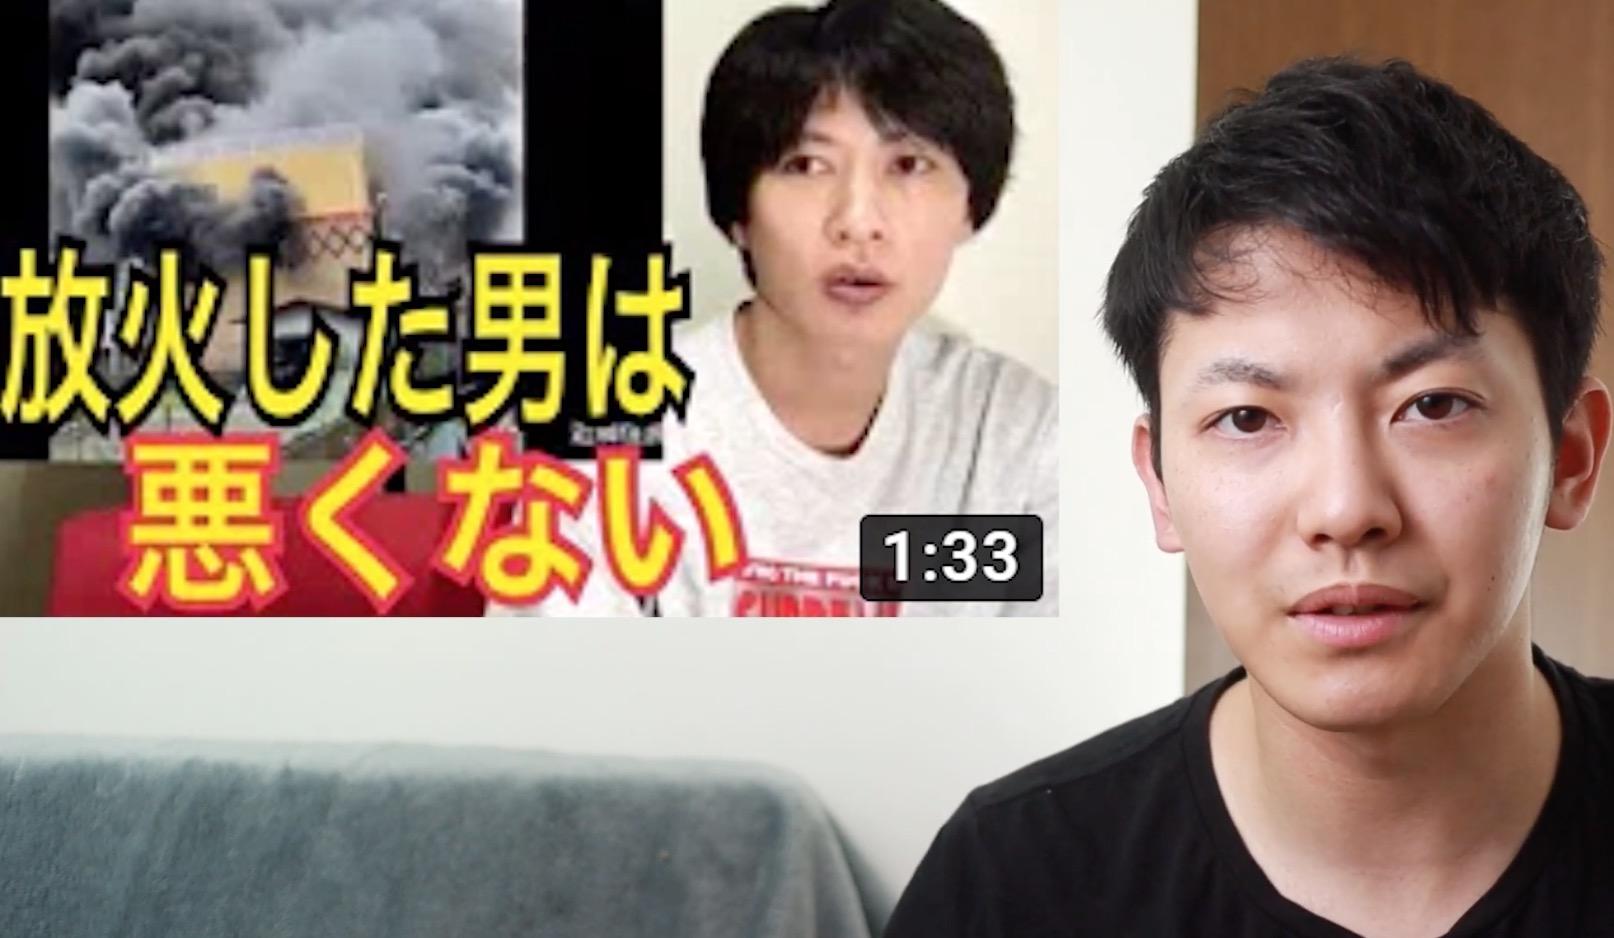 遠藤 チャンネル 年齢